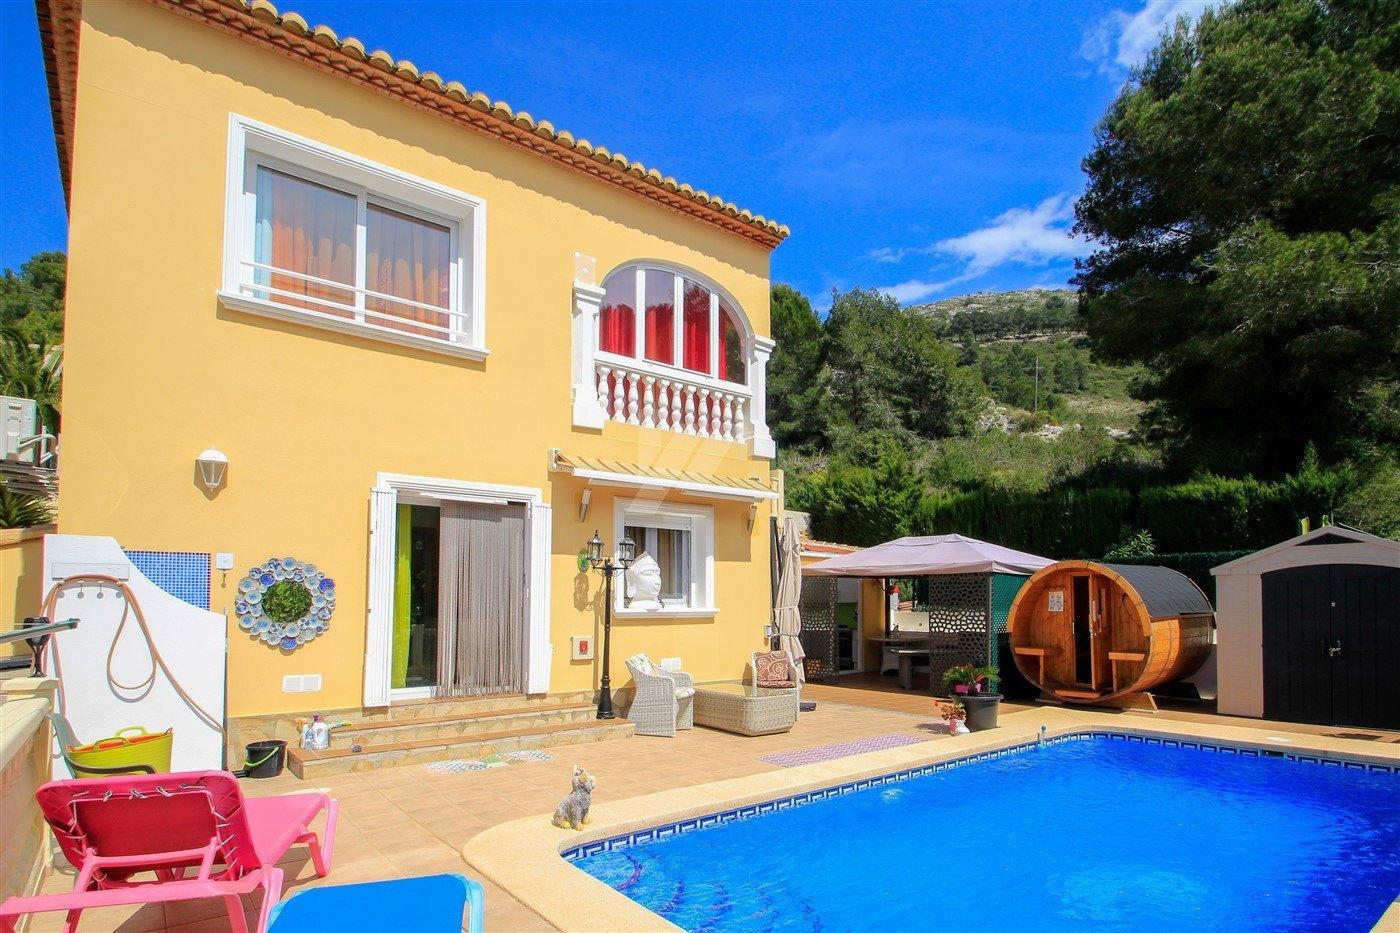 Villa zu verkaufen in Benitachell, Costa Blanca.